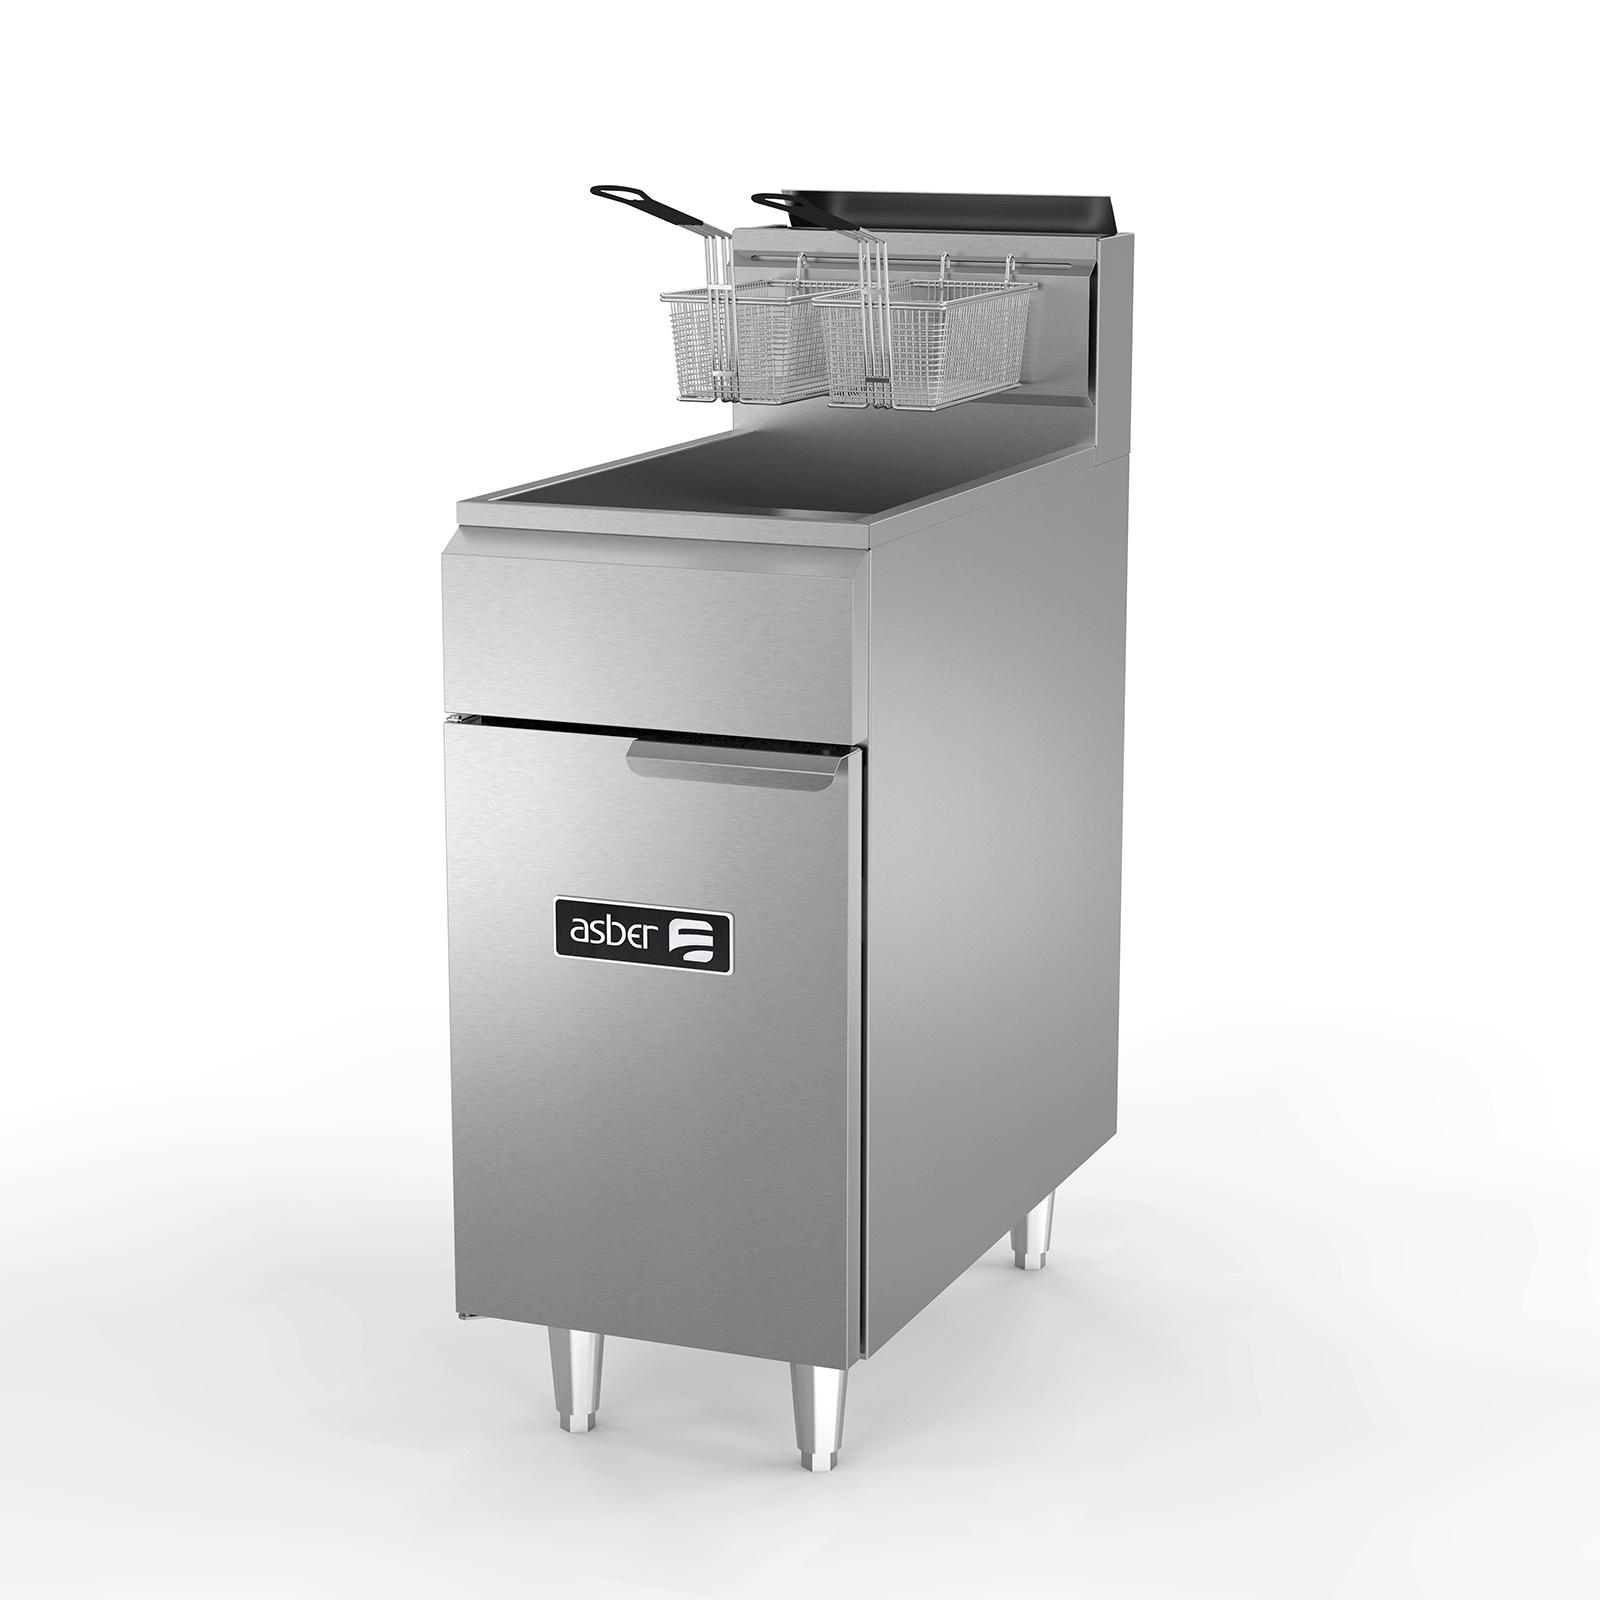 Asber AEF-4050-S fryer, gas, floor model, full pot